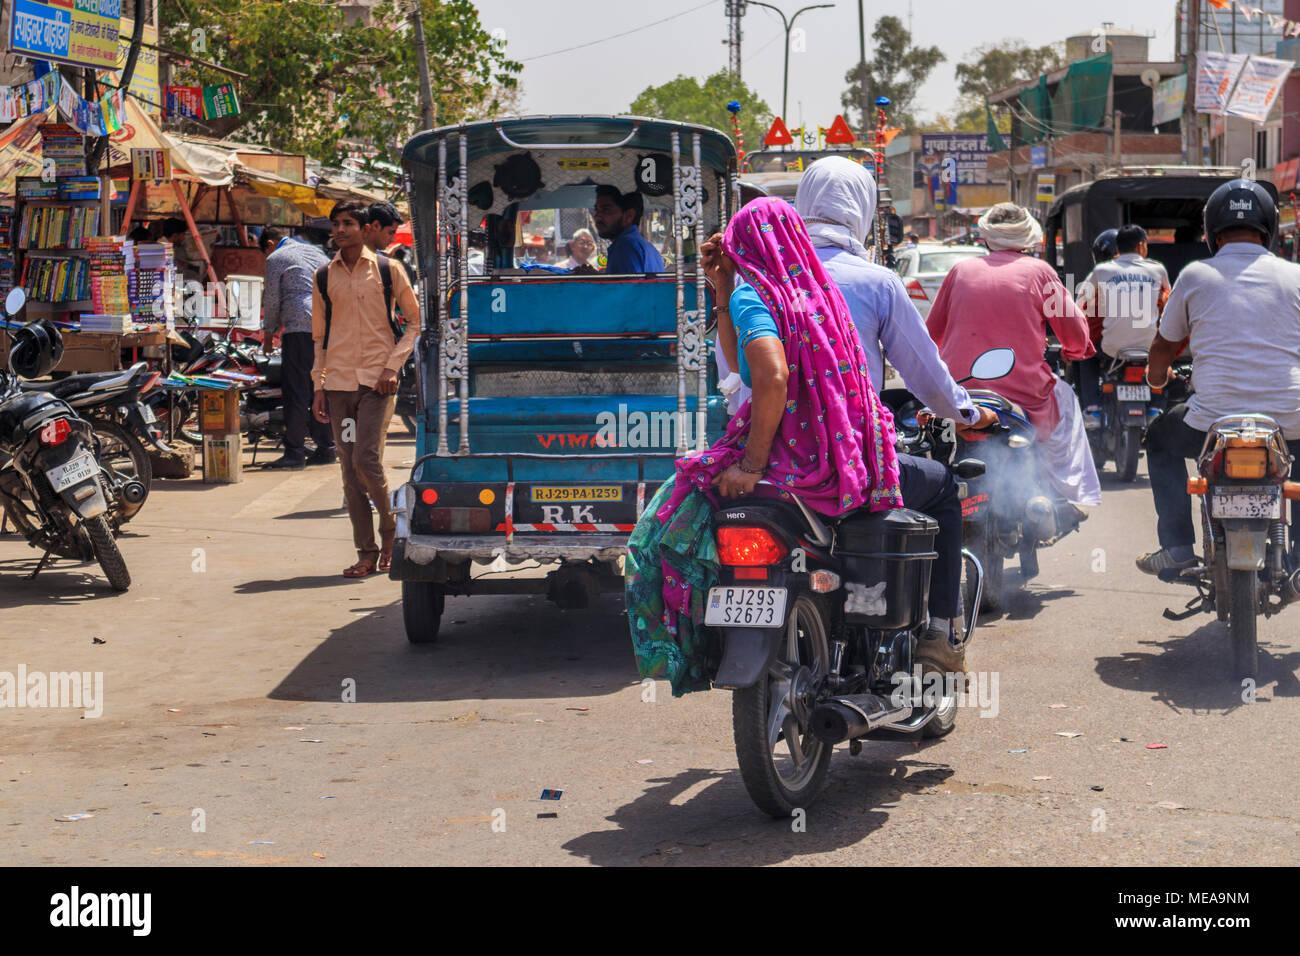 Scène de rue à Dausa, Rajasthan, Inde du nord, une femme de la région à cheval sur une moto avec leurs couleurs locales typiques et vêtements Coiffure voile Photo Stock